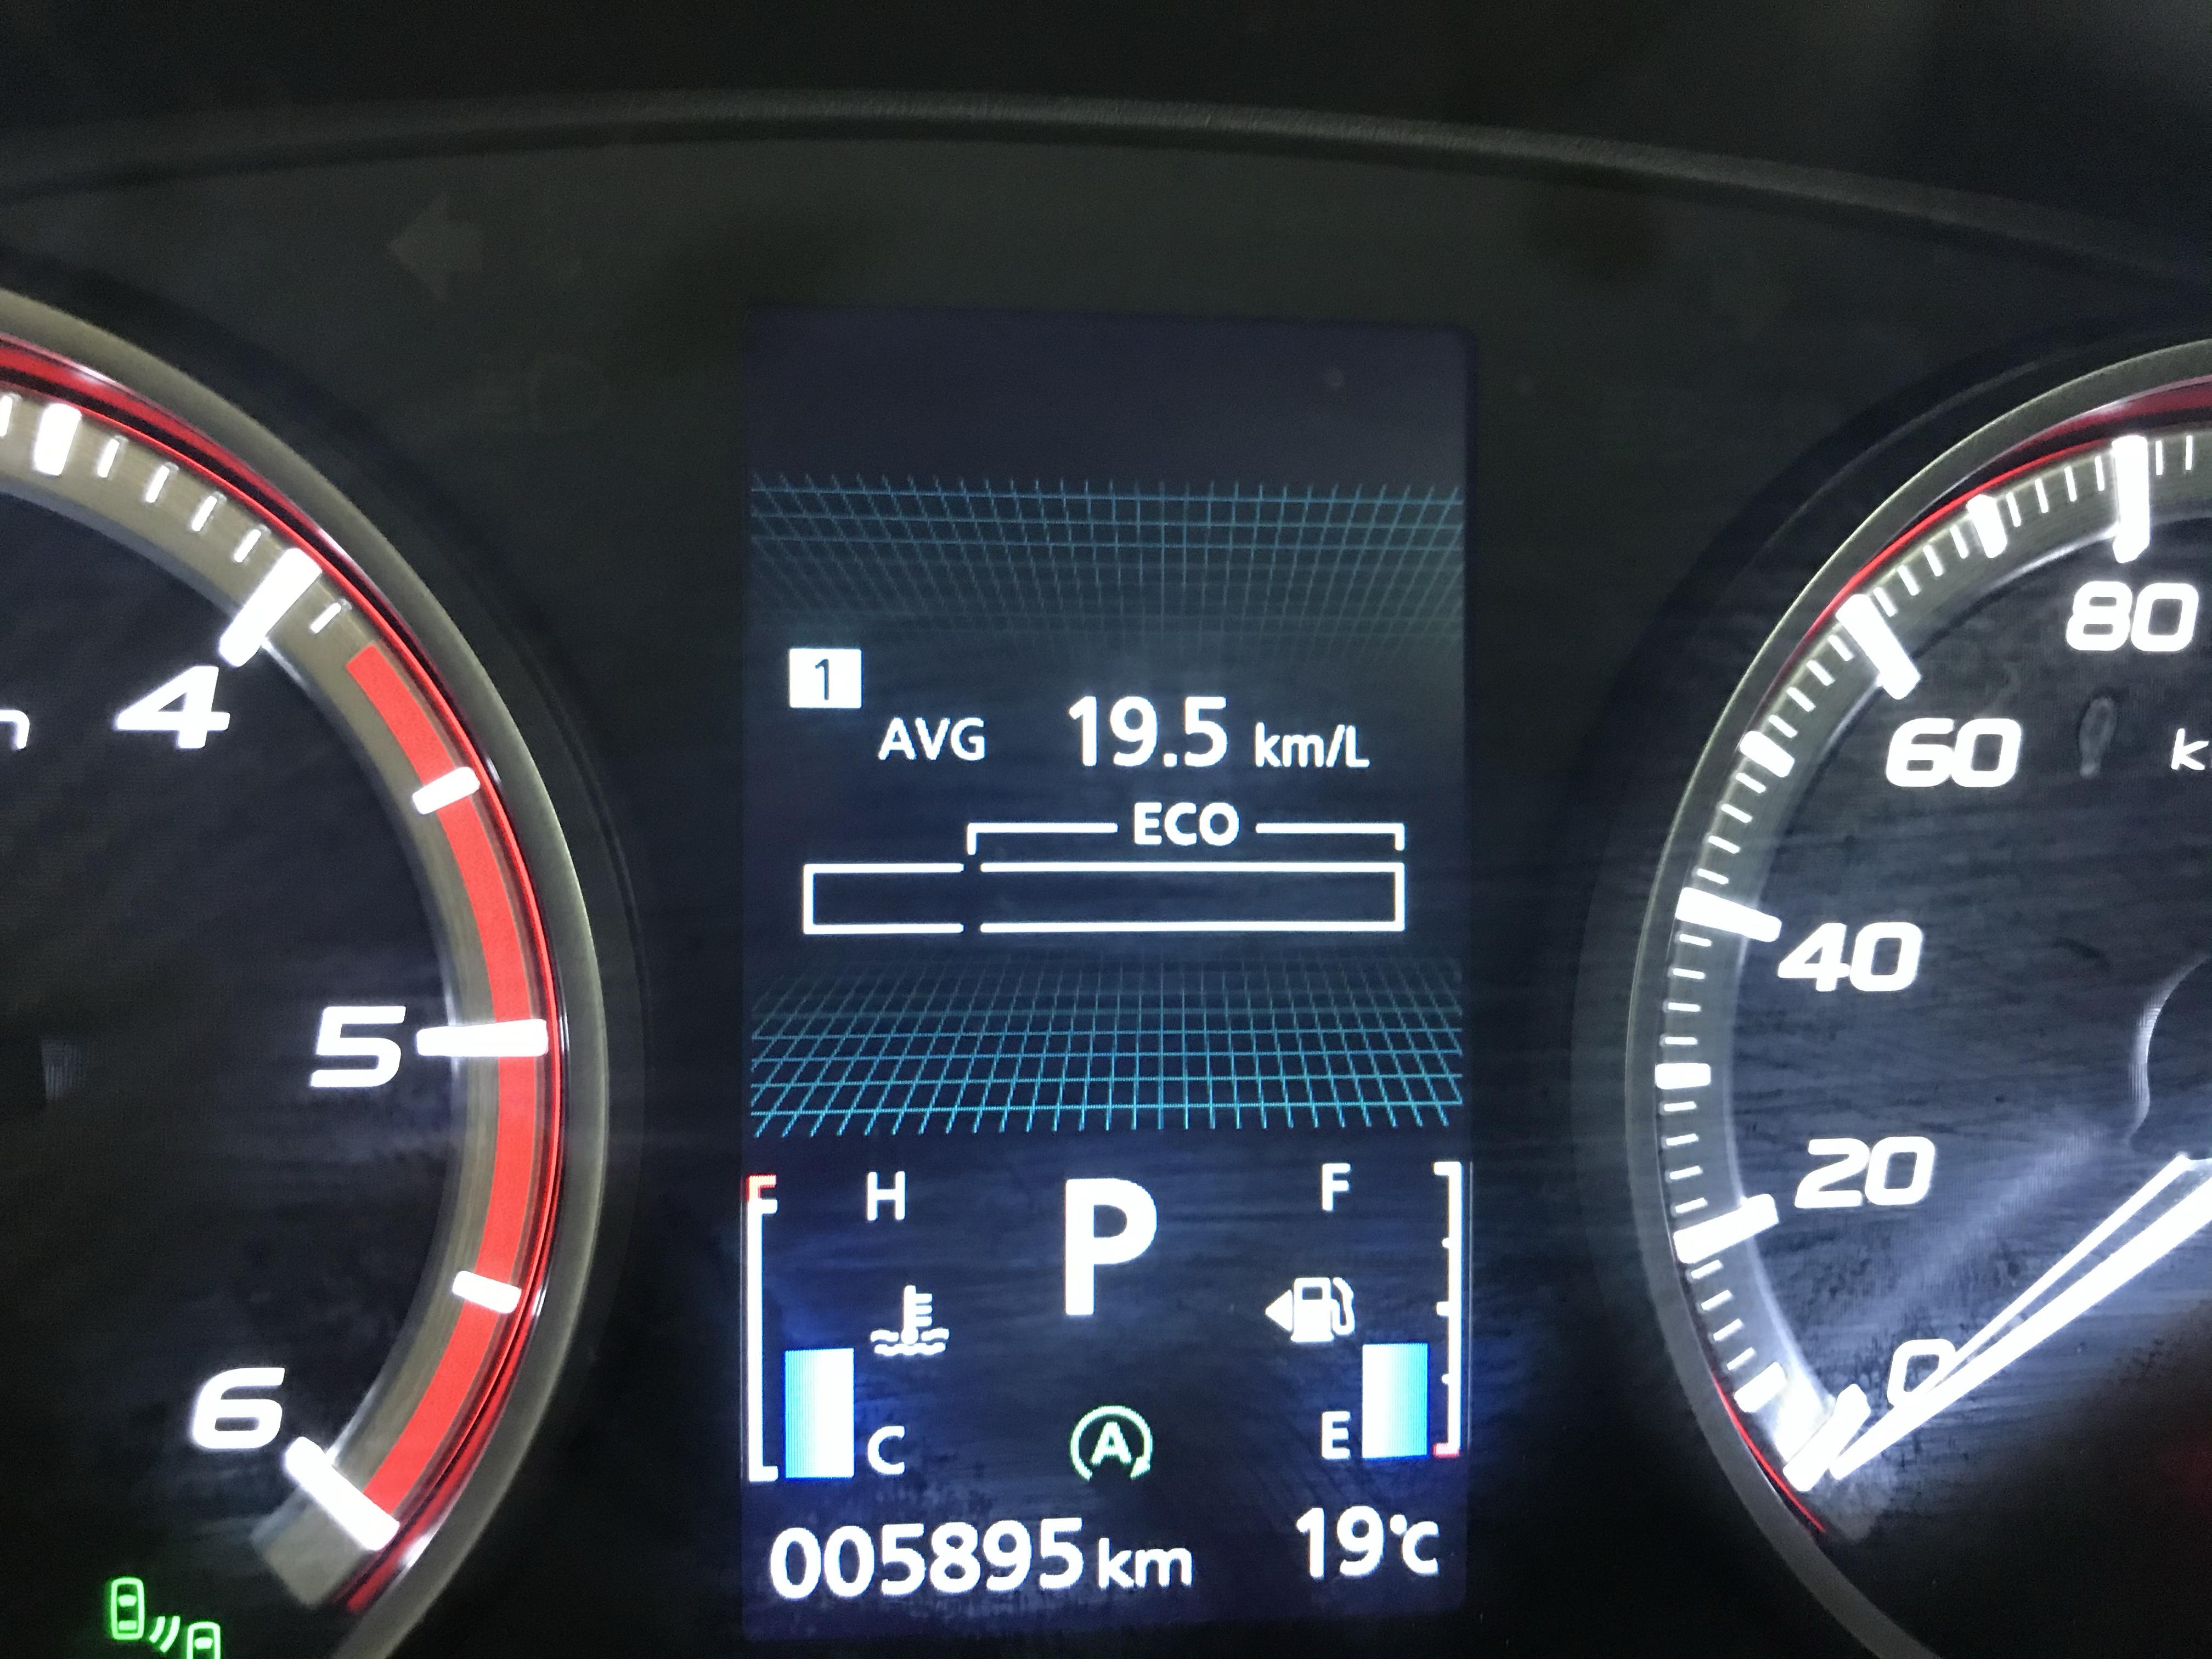 ディーゼルエンジン、新型デリカD5の最高燃費がかなり良い。